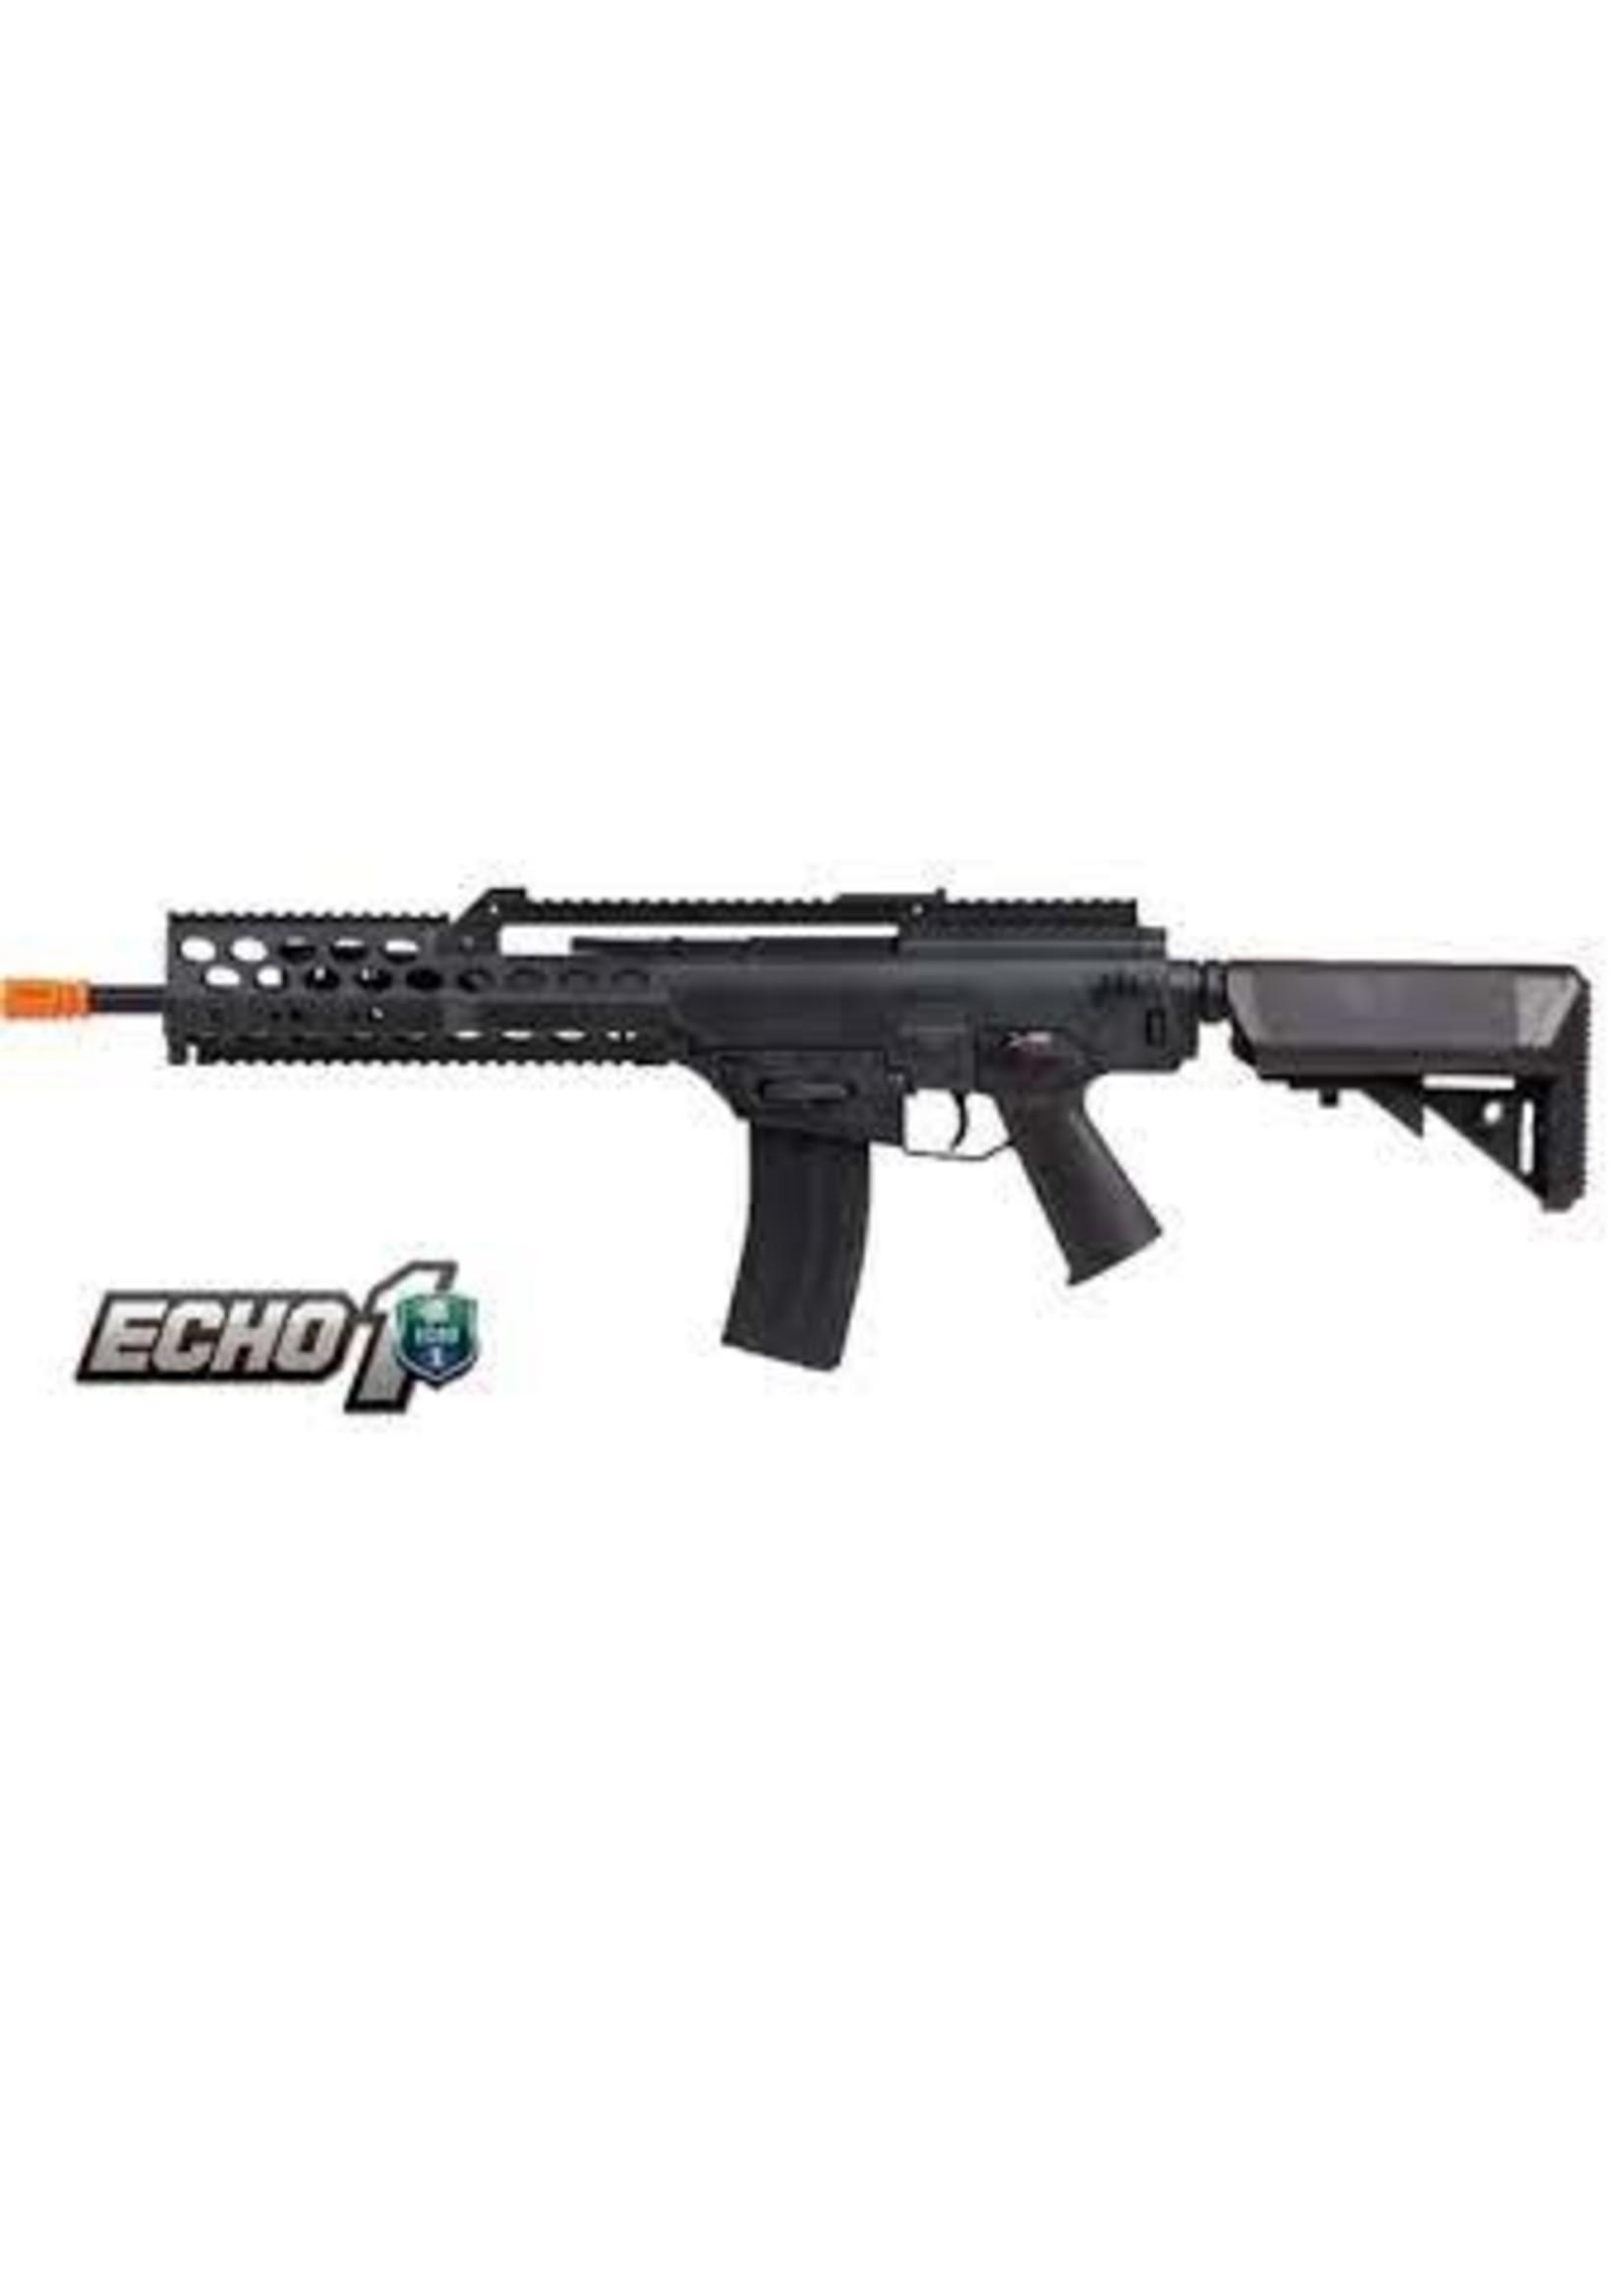 ECHO 1 Echo 1 M.T.C. Mod 2